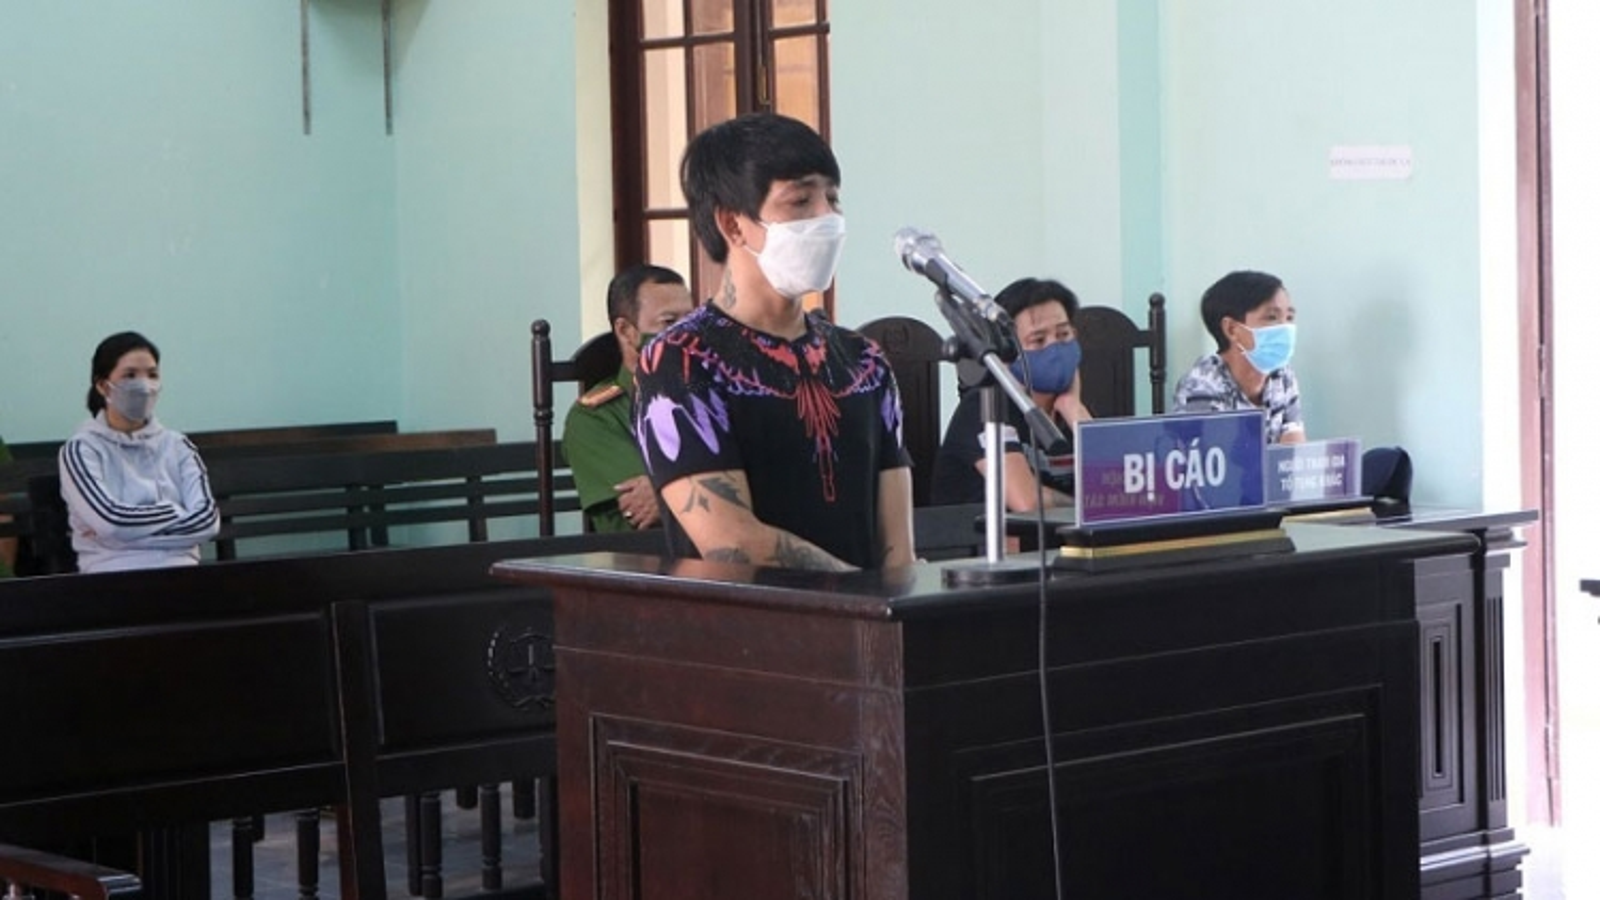 Lĩnh án 18 tháng tù vì say rượu, tấn công người thi hành công vụ